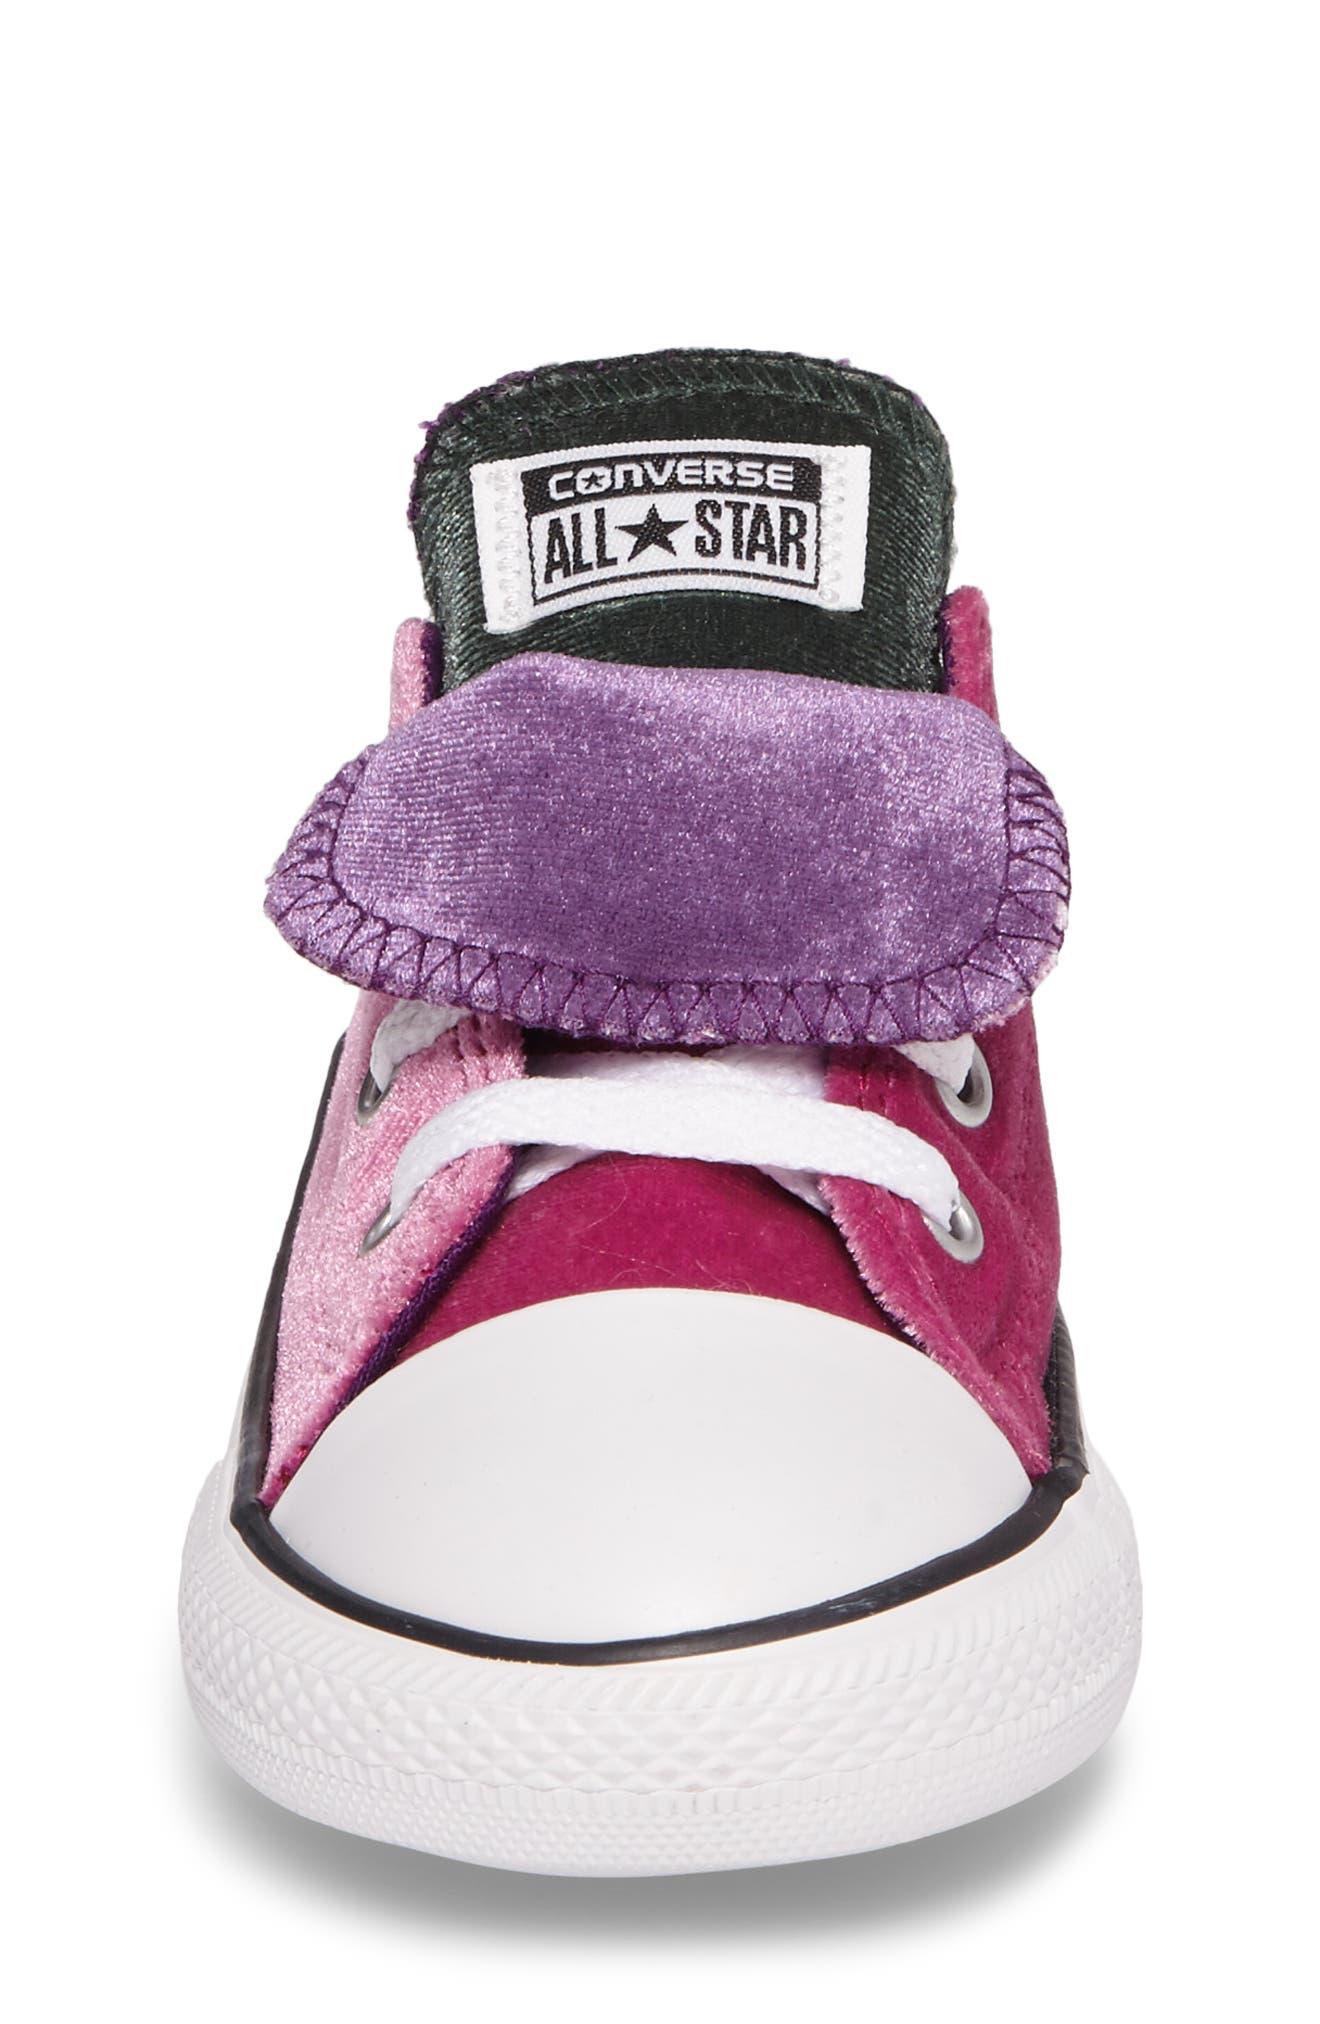 All Star<sup>®</sup> Velvet Double Tongue Sneaker,                             Alternate thumbnail 4, color,                             Pink Sapphire Velvet